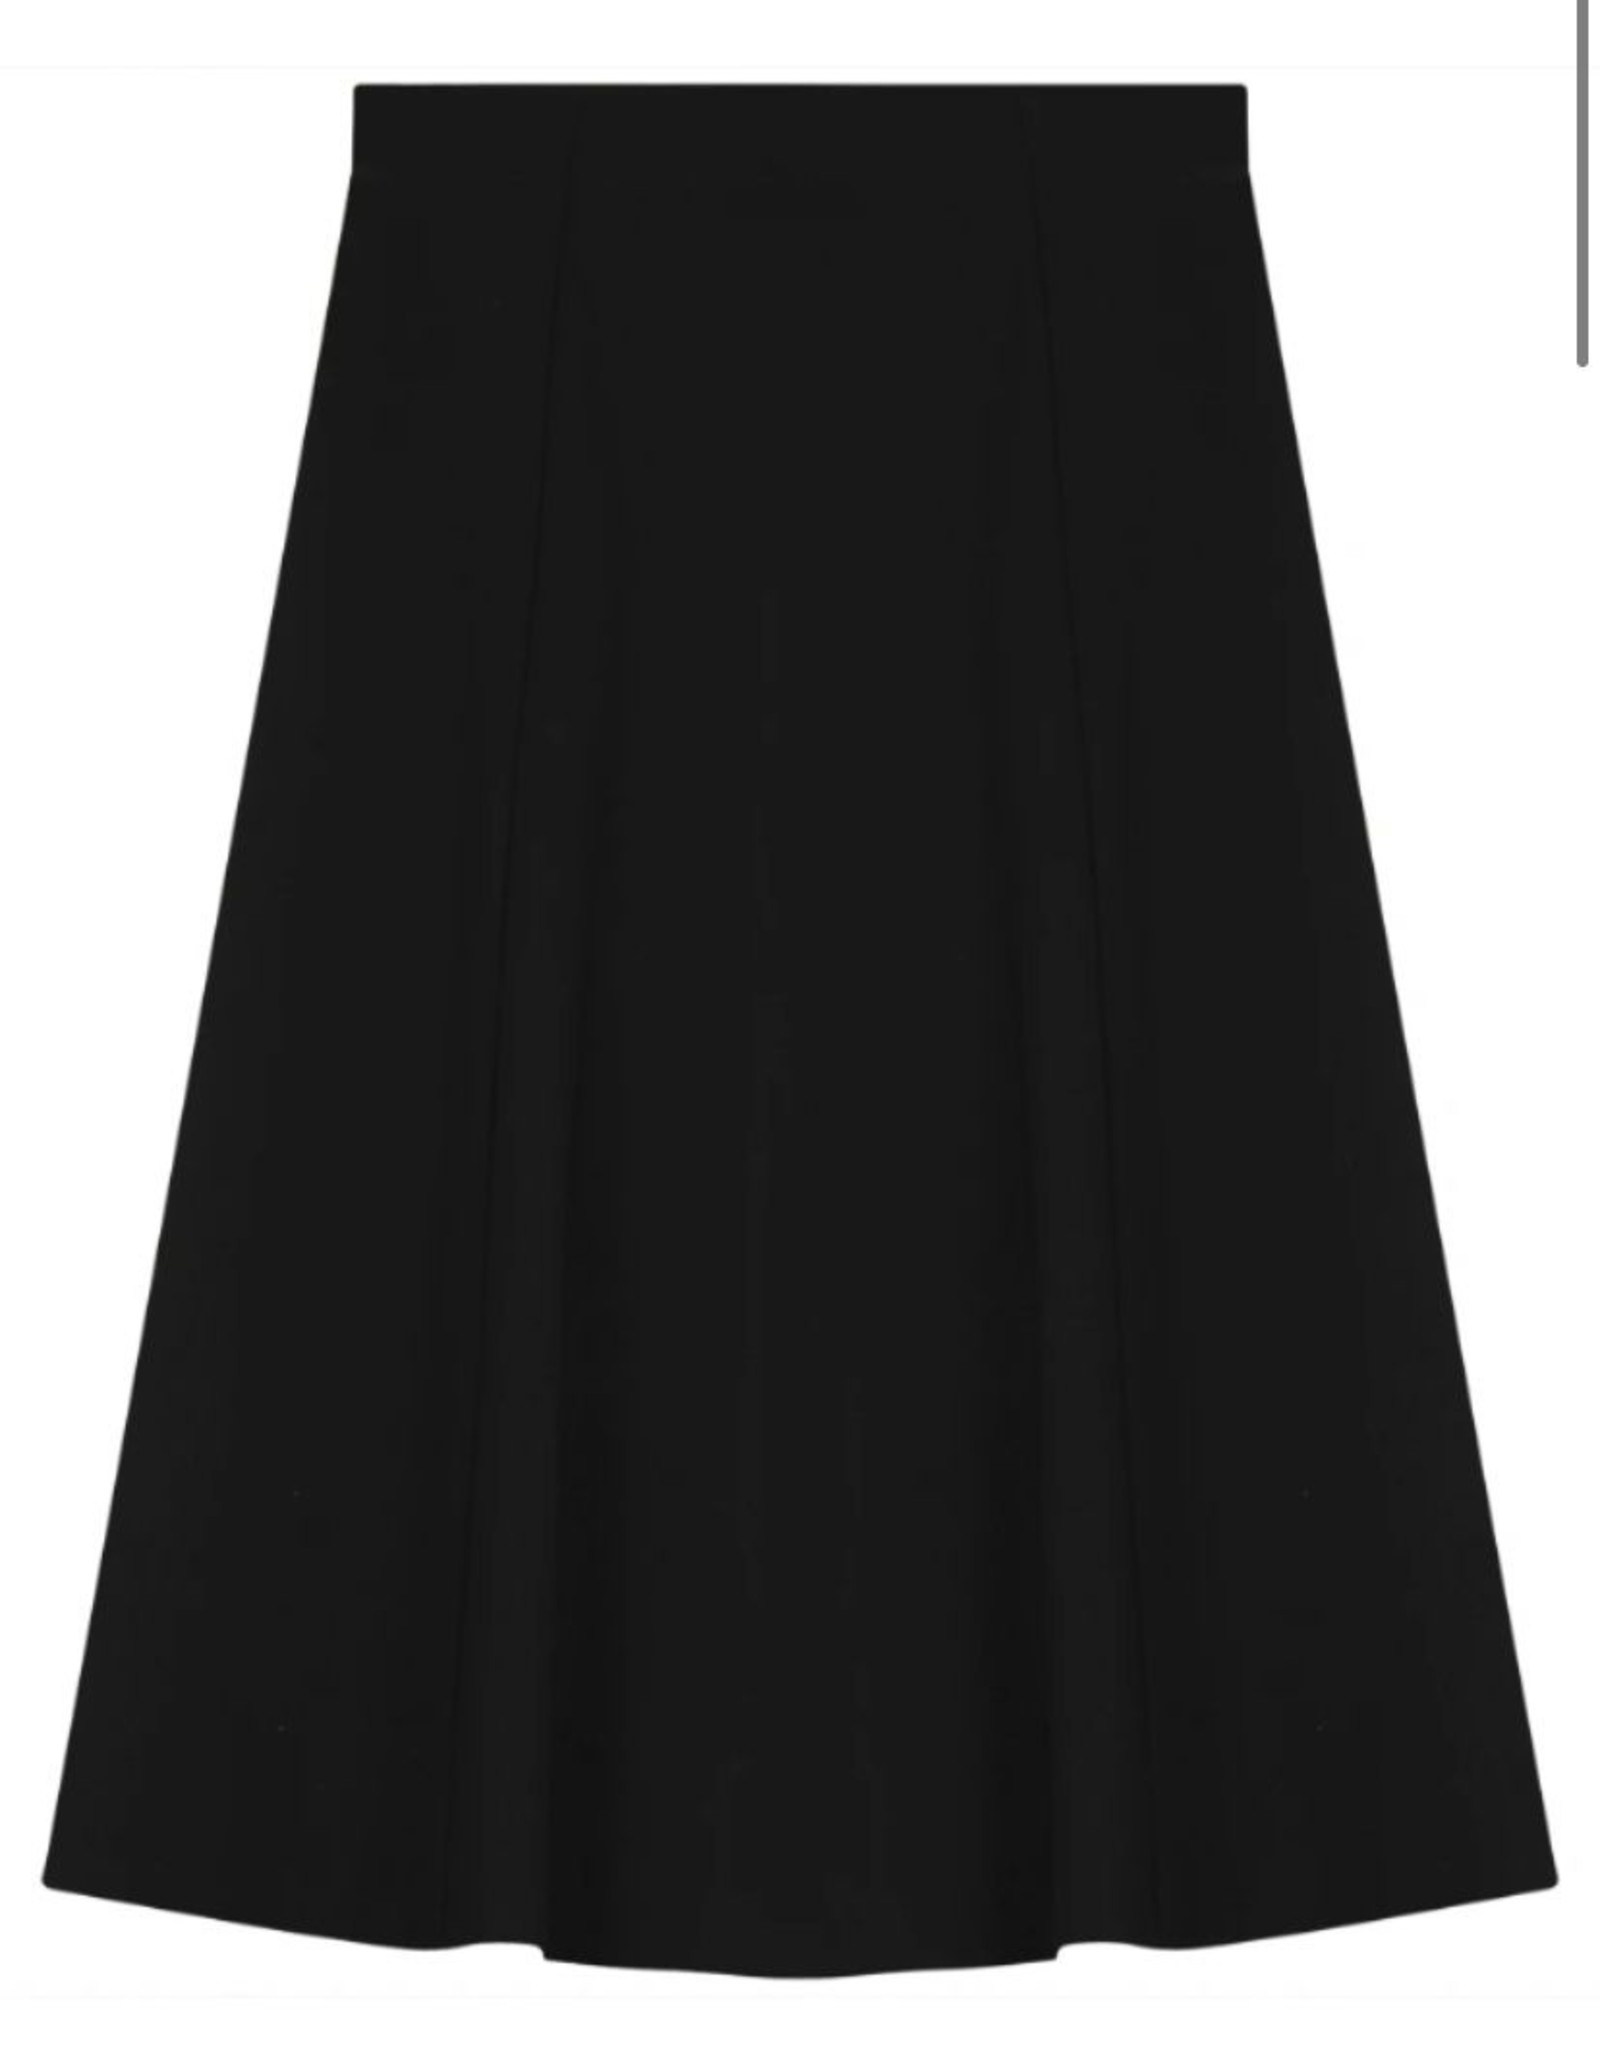 Ginger Ginger Paneled Flare Skirt